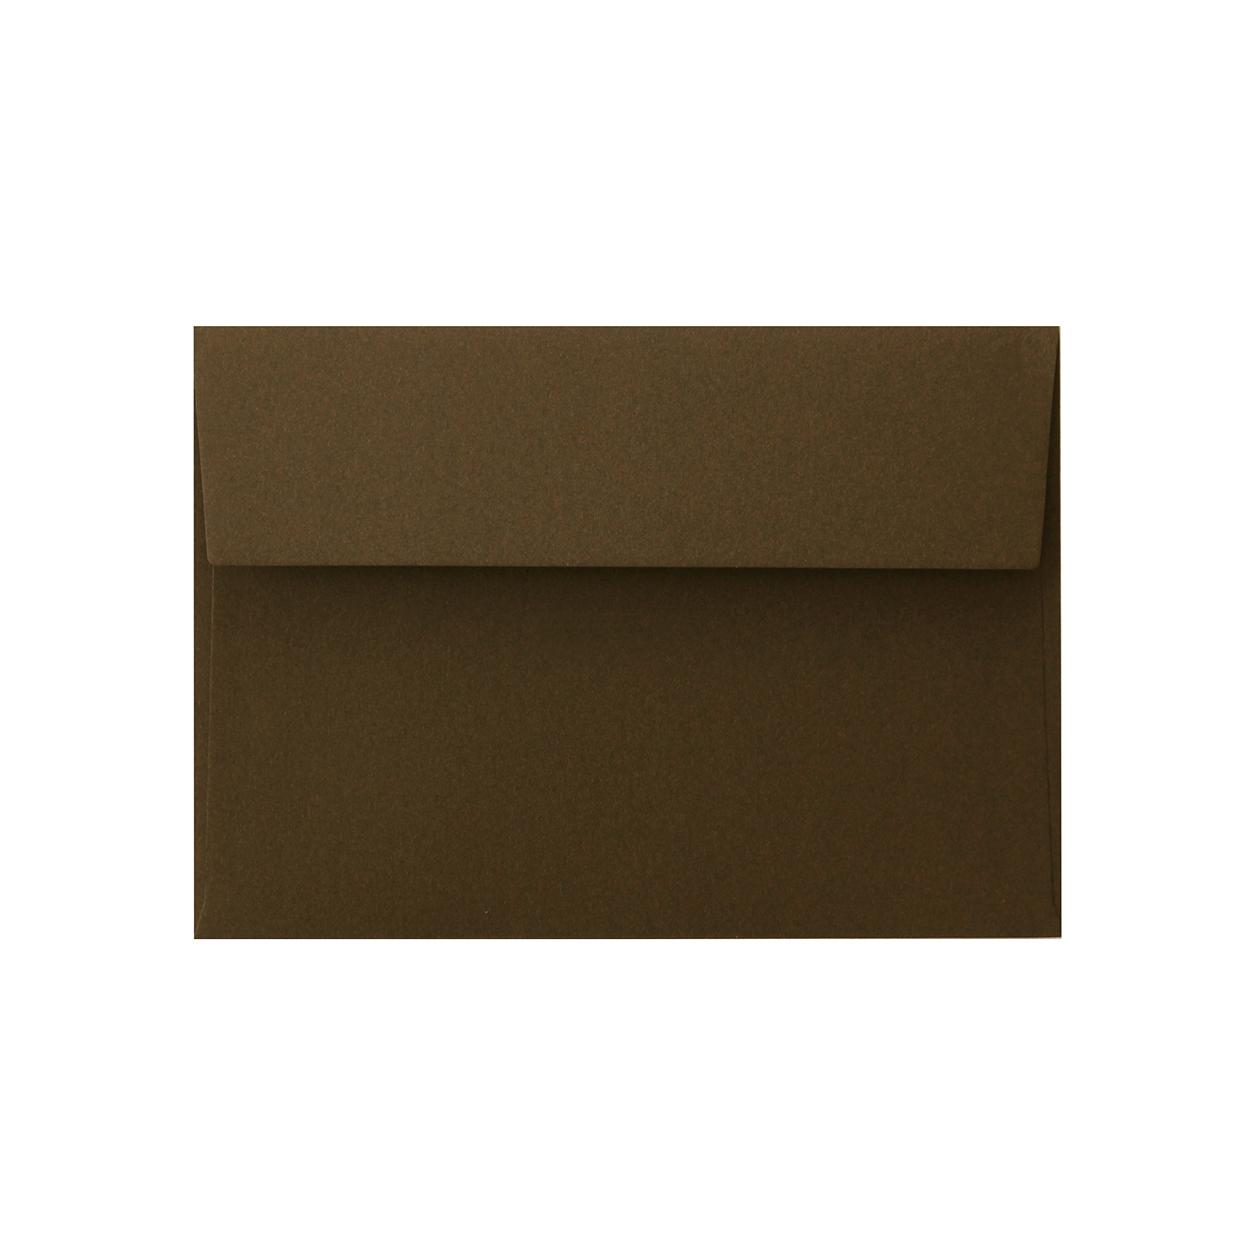 洋2カマス封筒 コットン チョコレート 116.3g